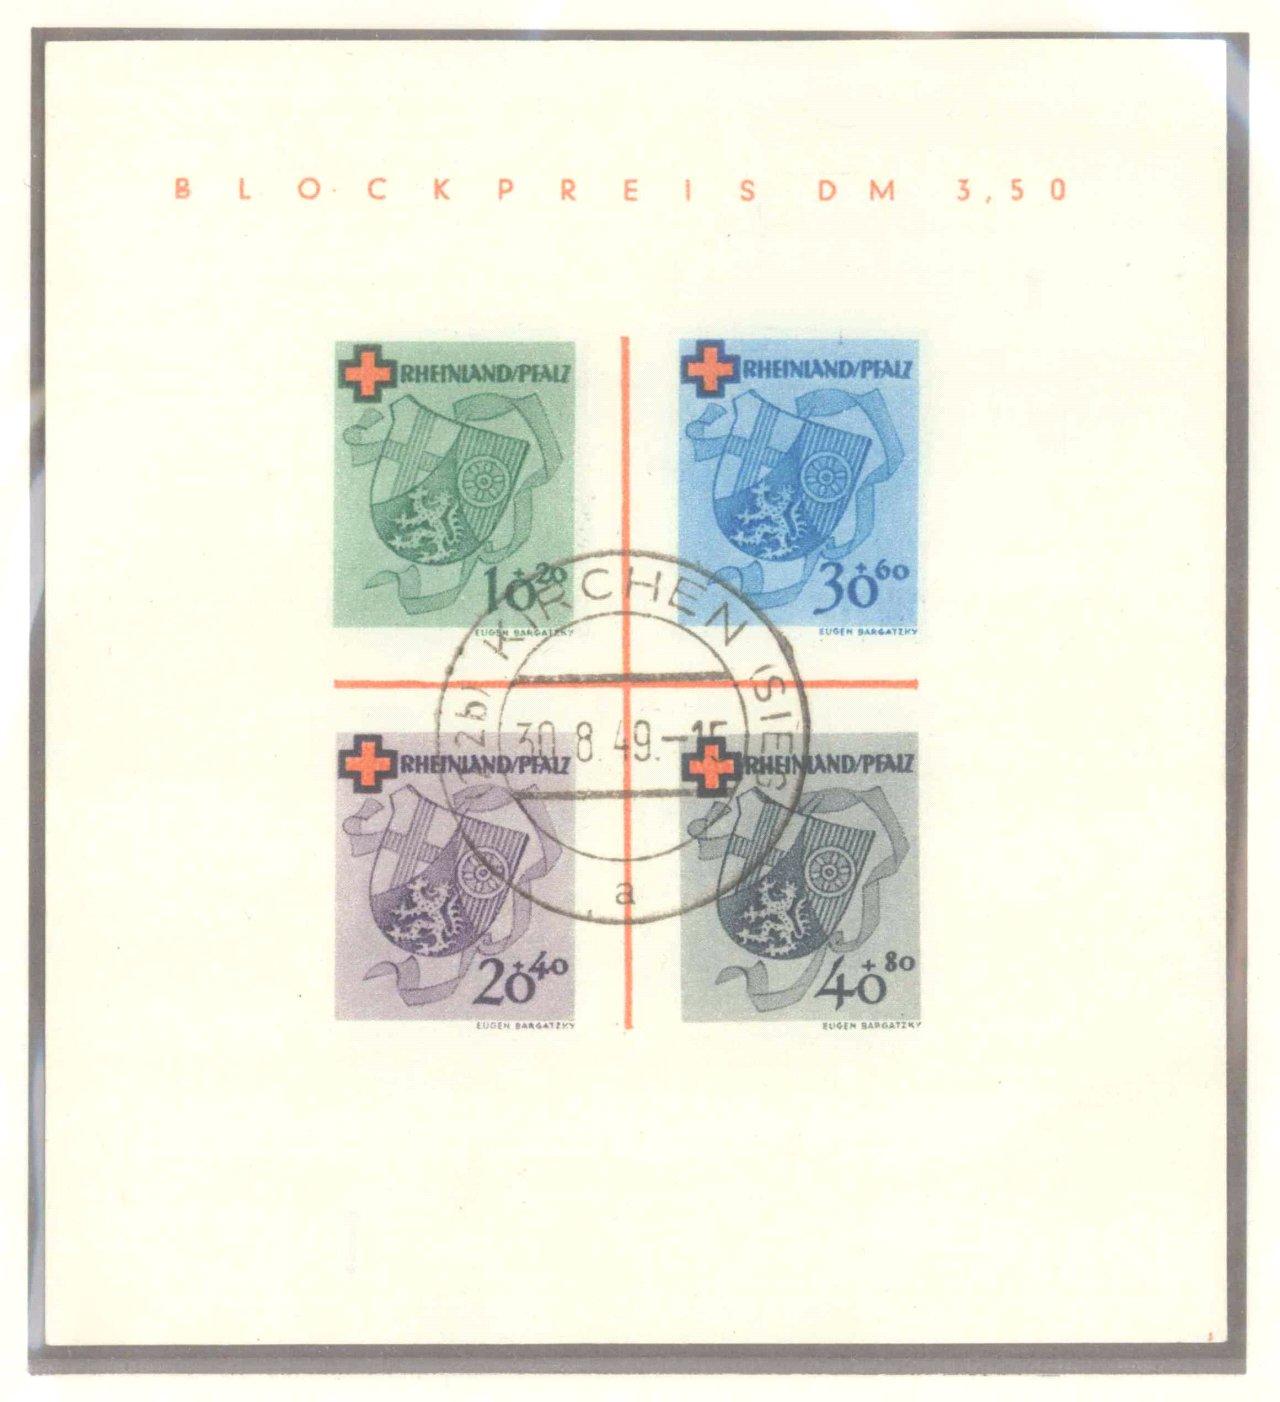 FRANZÖSISCHE ZONE RHEIN-PFALZ 1949, Rotes Kreuz-Block